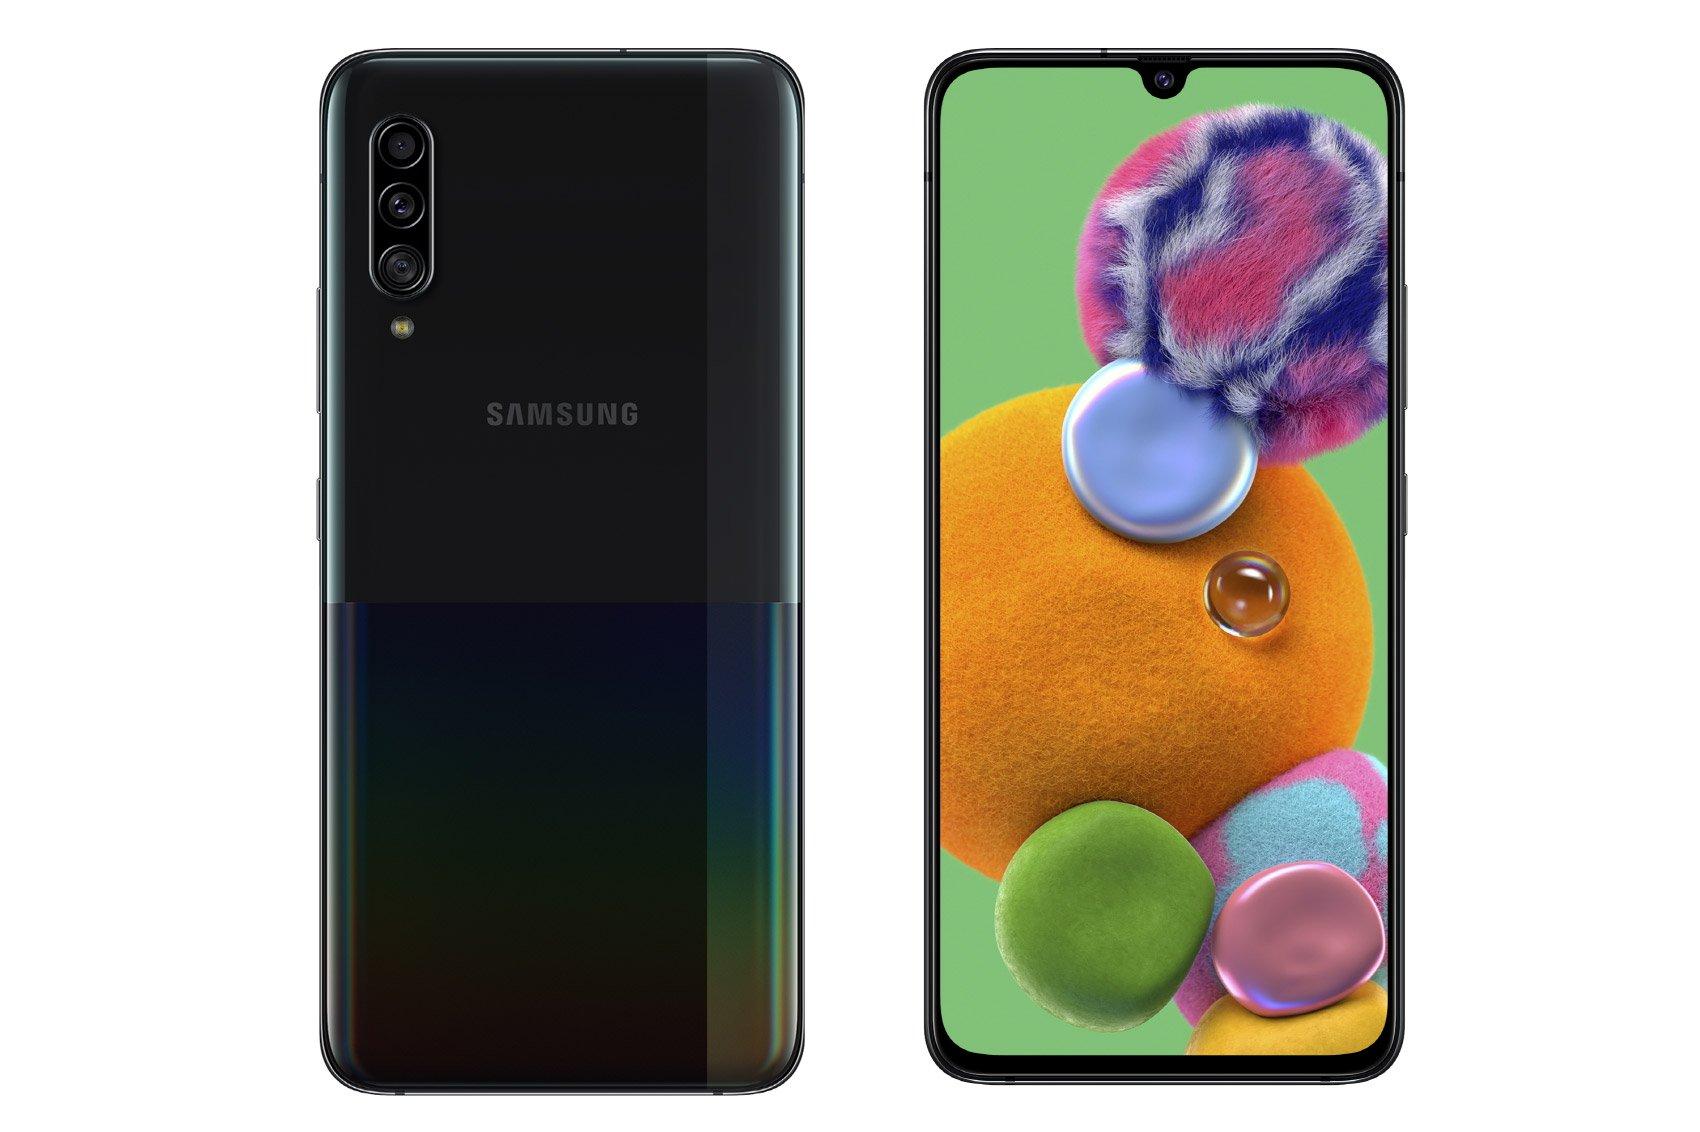 IFA 19: Samsung Galaxy A90 5G mengungguli Galaxy S10 5G dalam kualitas-harga? 2